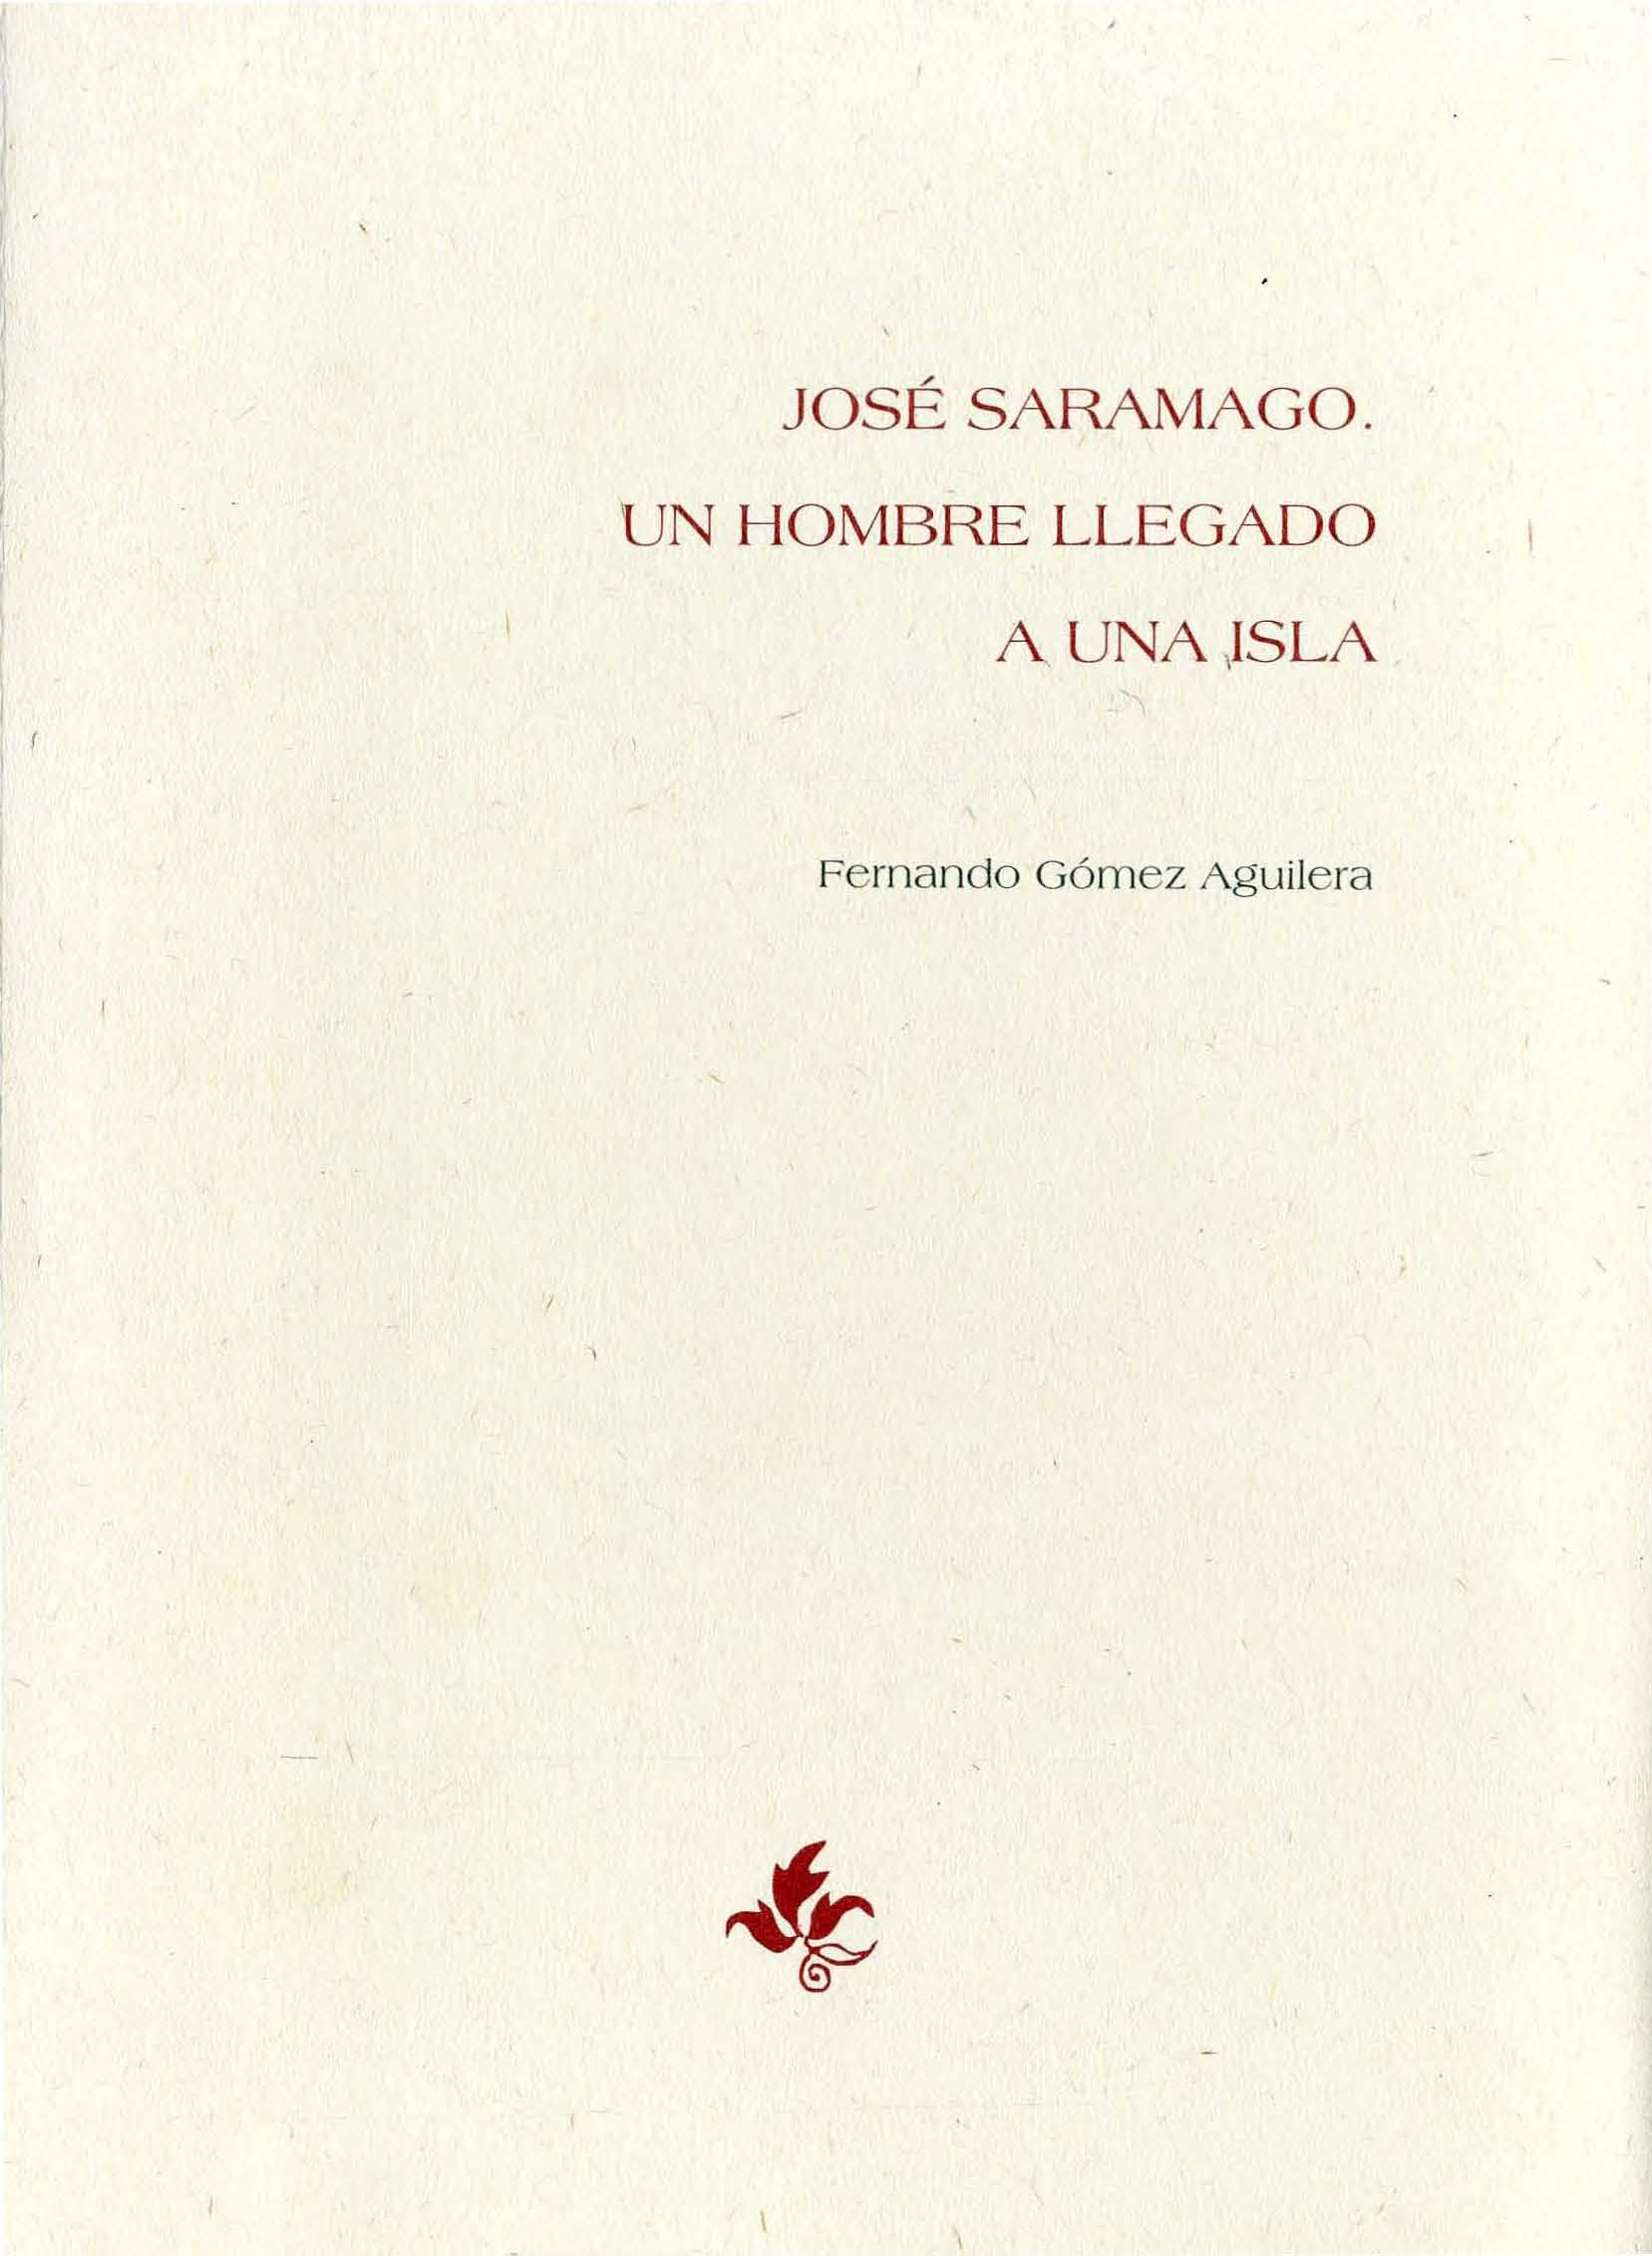 José Saramago : un hombre llegado a una isla, Hijo adoptivo de Lanzarote, 1997